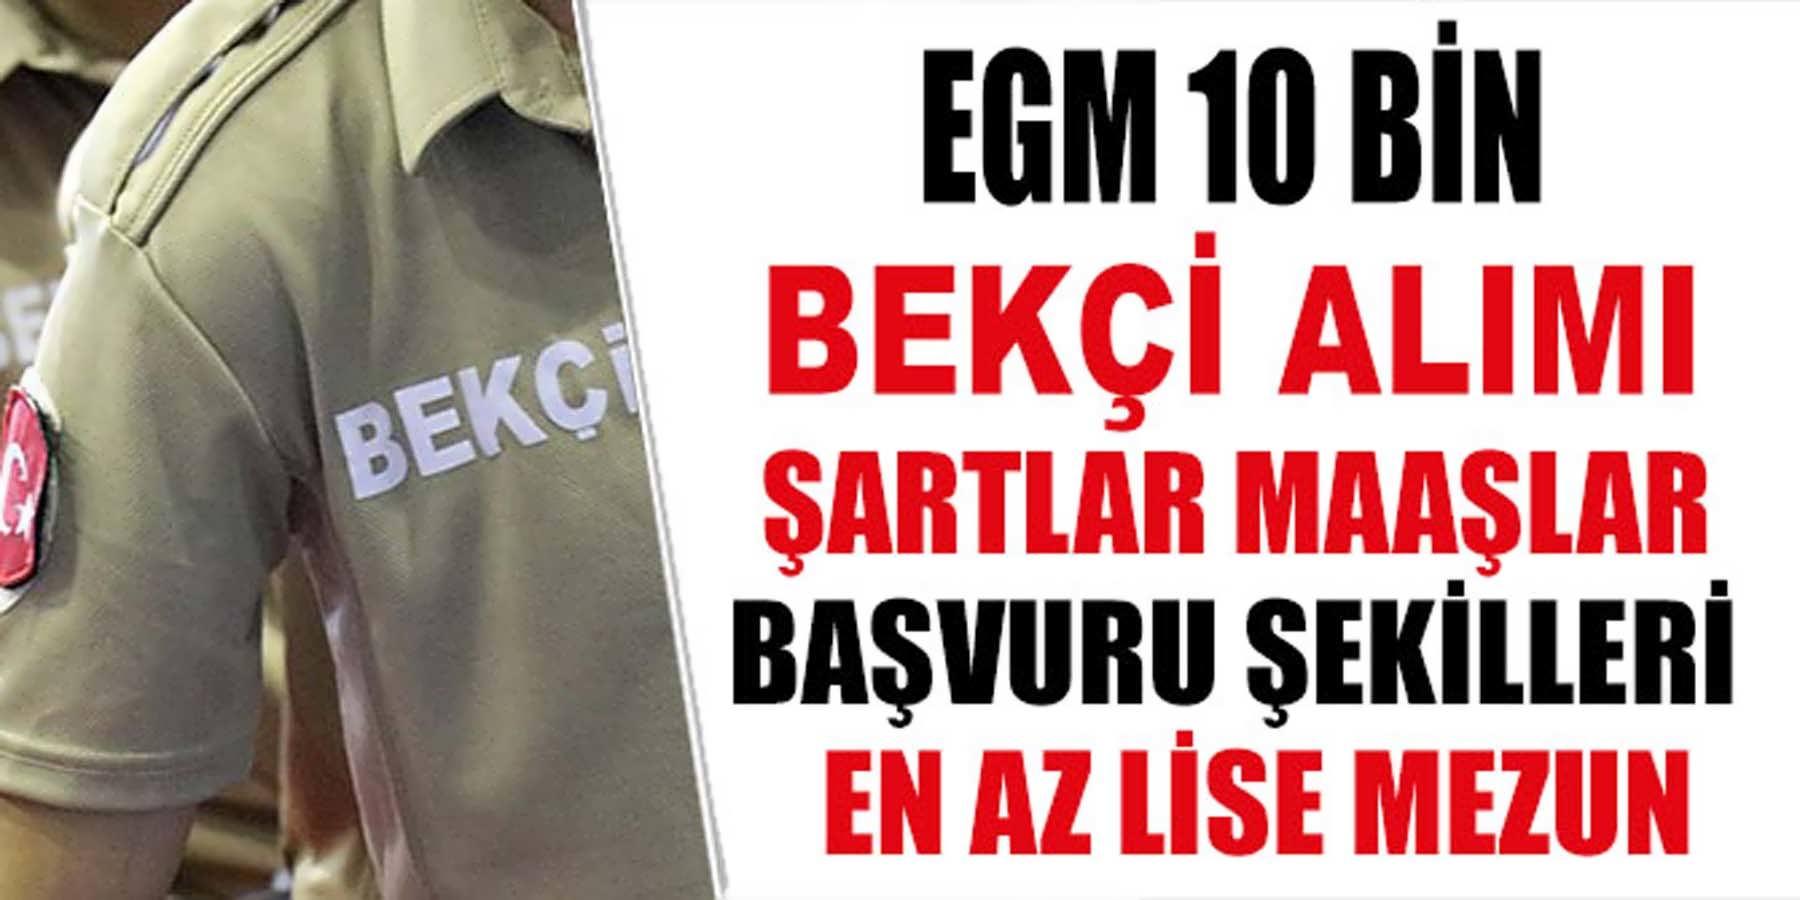 EGM 10 Bin Bekçi Alımı'nda Şartlar Maaşlar Başvuru Şekilleri